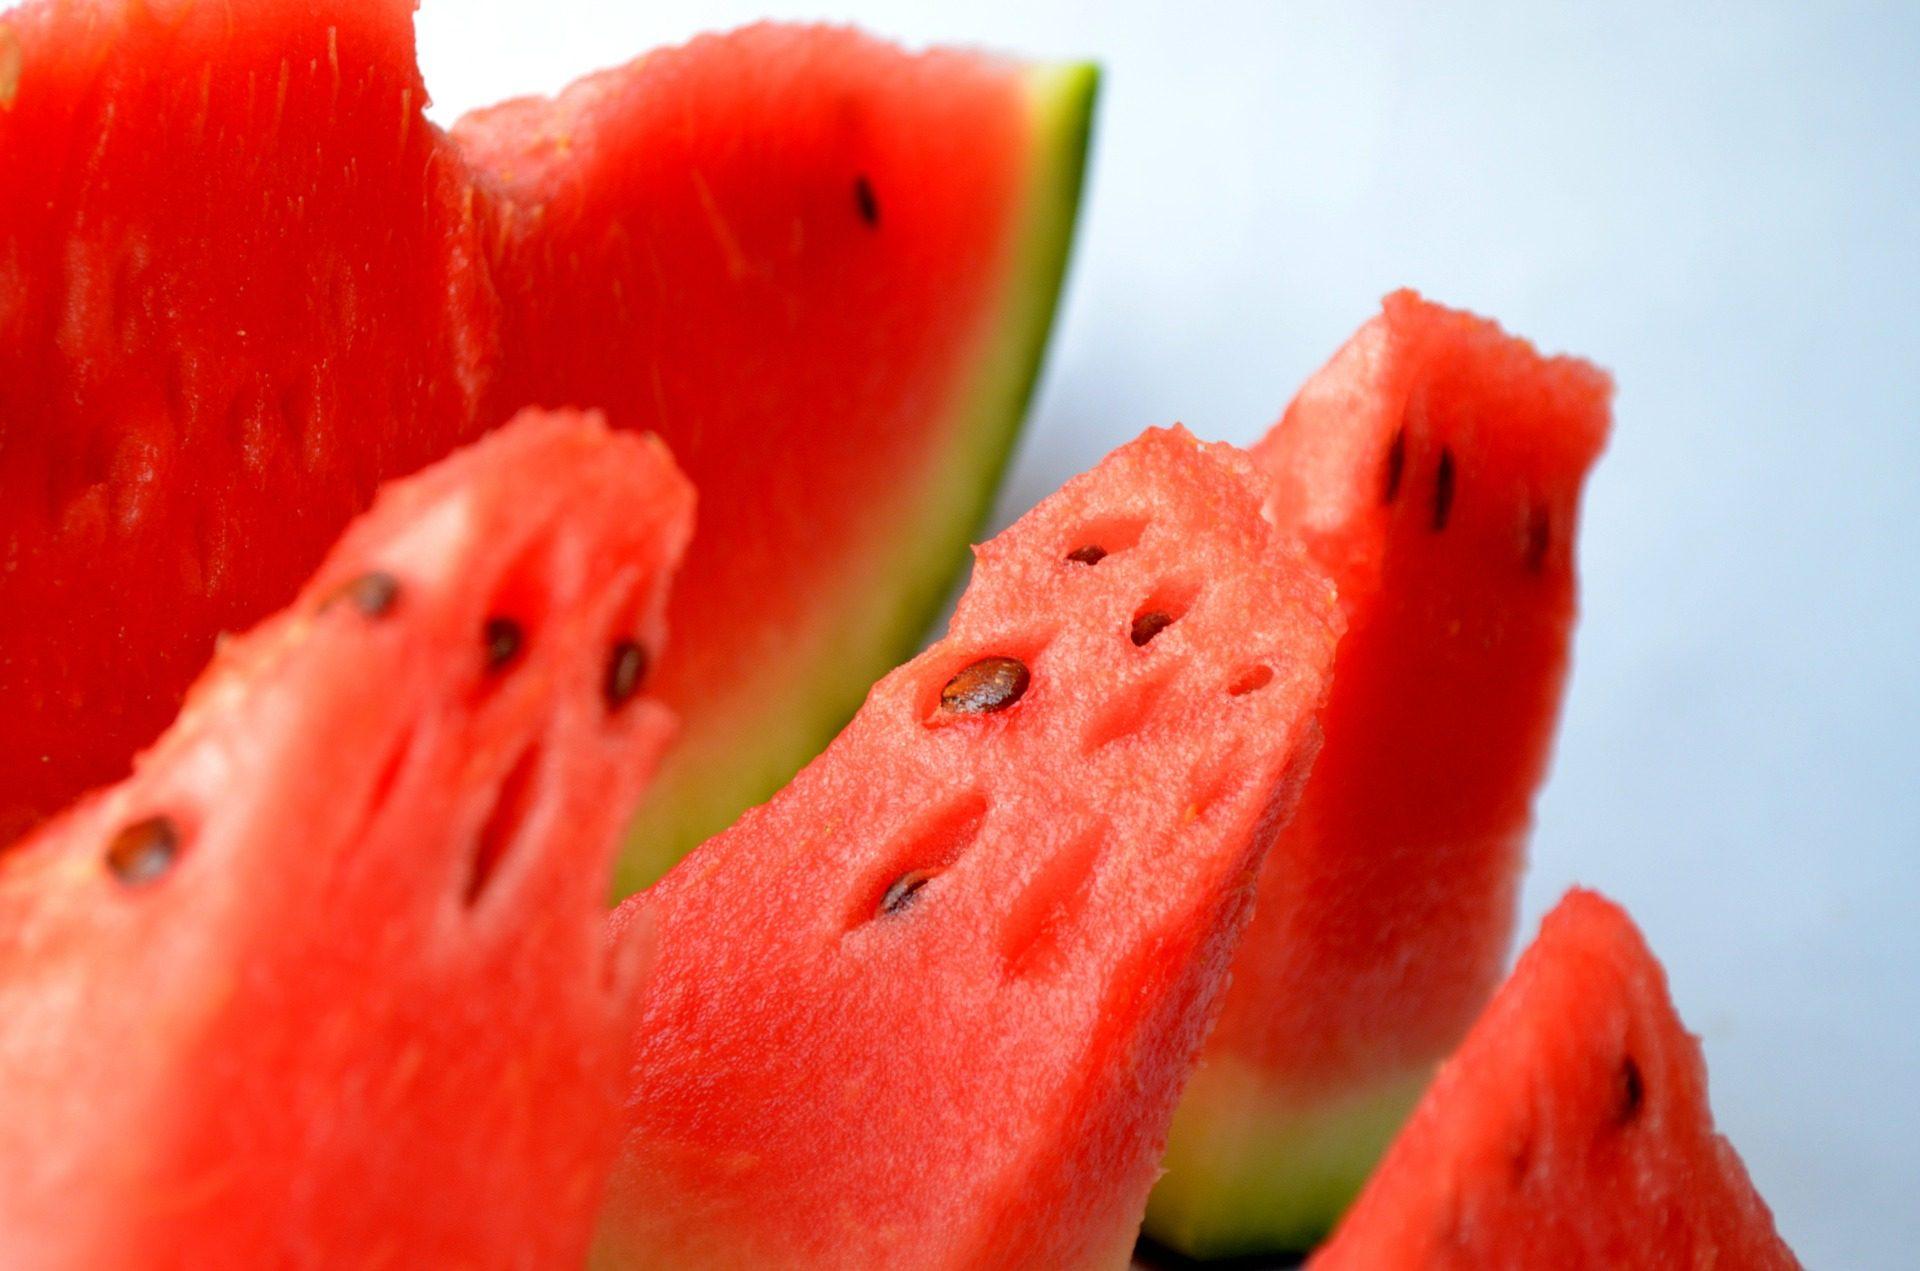 Melon d'eau, fruits, Sweet, été, frais, Rouge - Fonds d'écran HD - Professor-falken.com